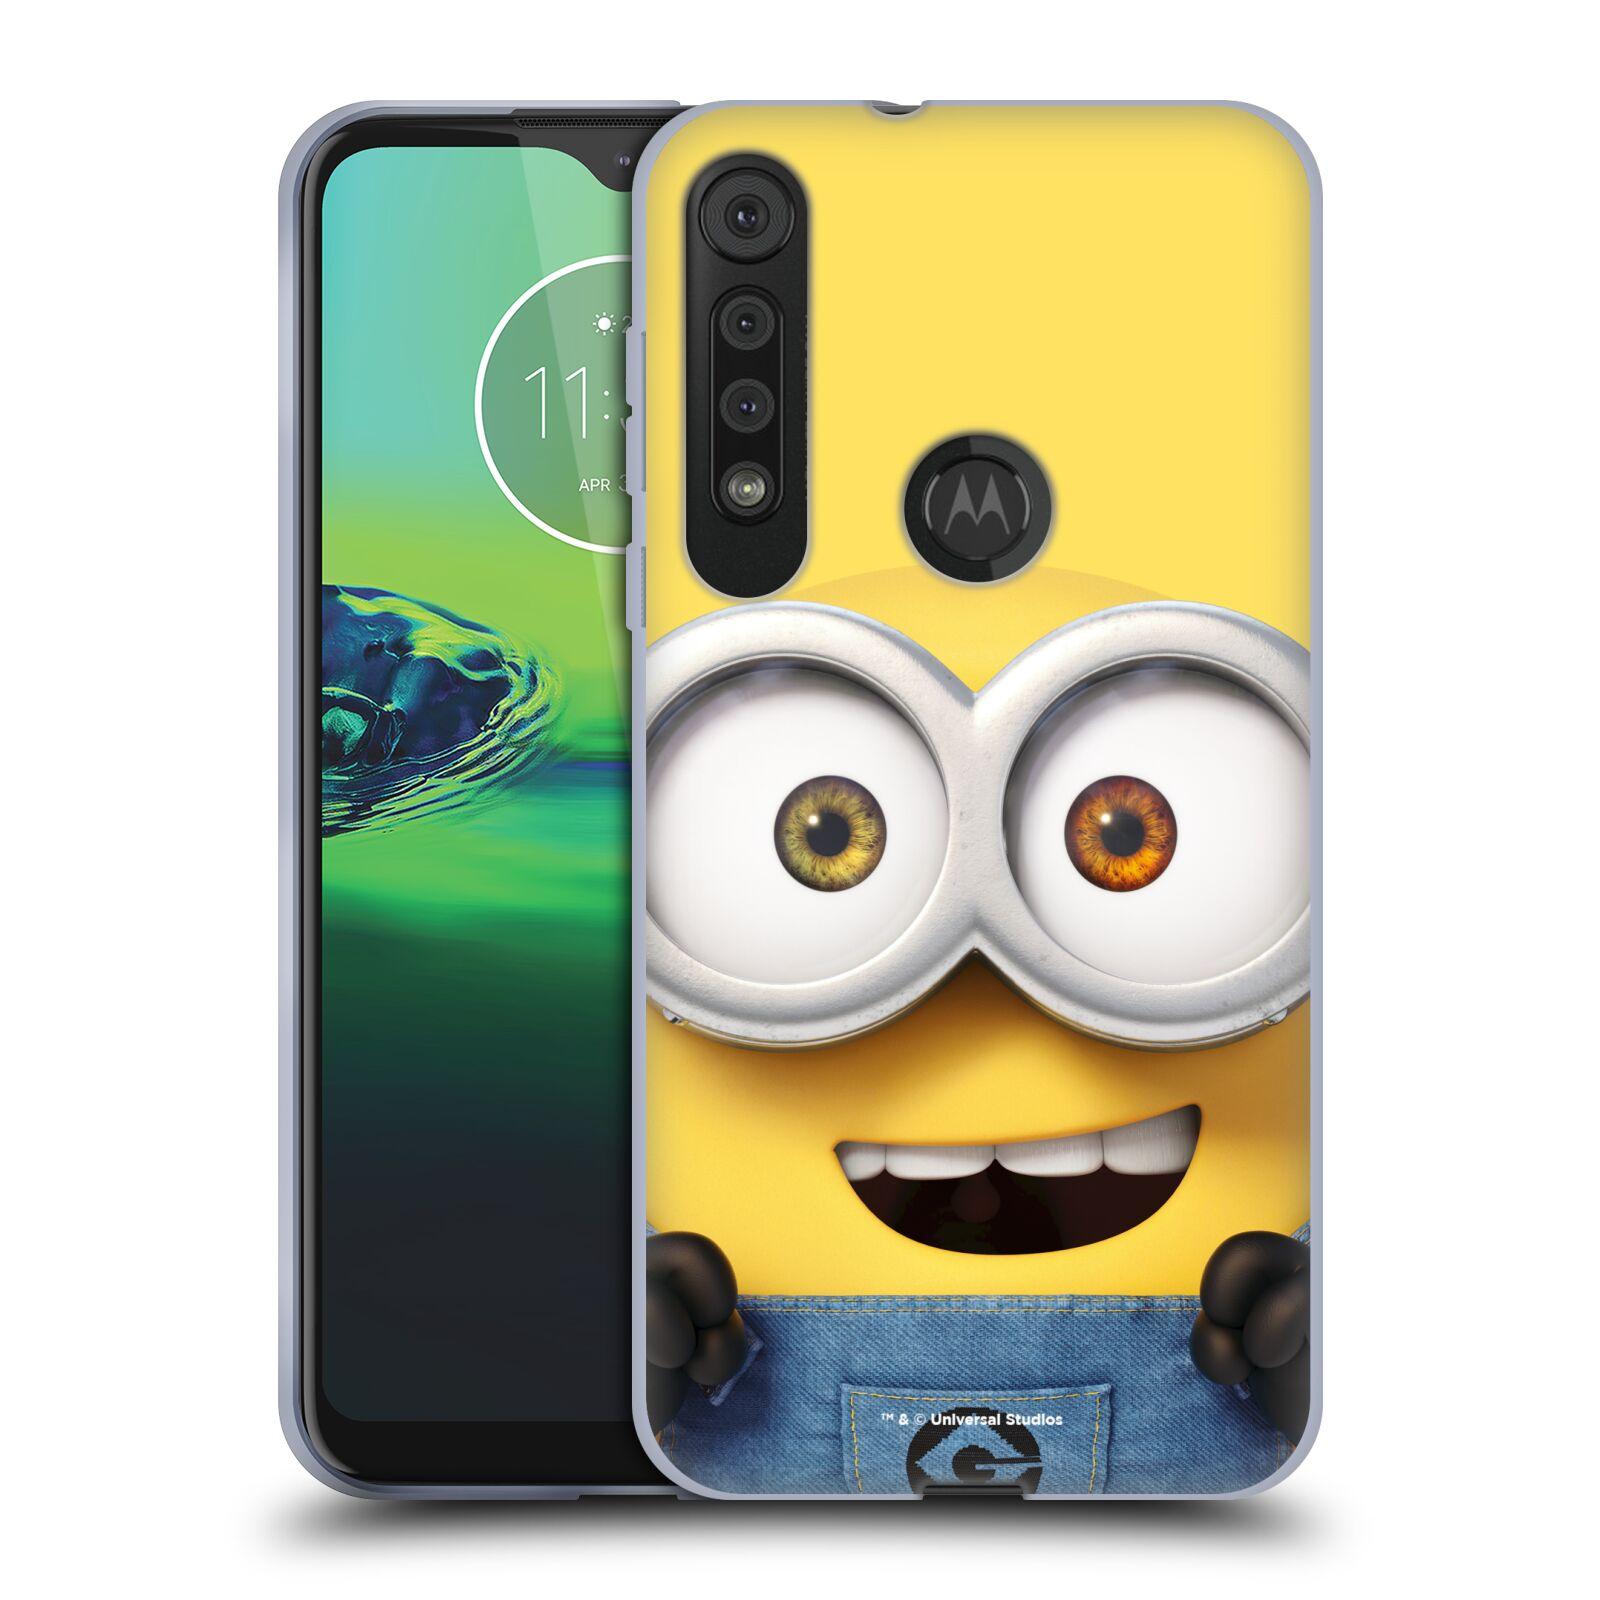 Silikonové pouzdro na mobil Motorola One Macro - Head Case - Mimoň Bob z filmu Já, padouch - Despicable Me